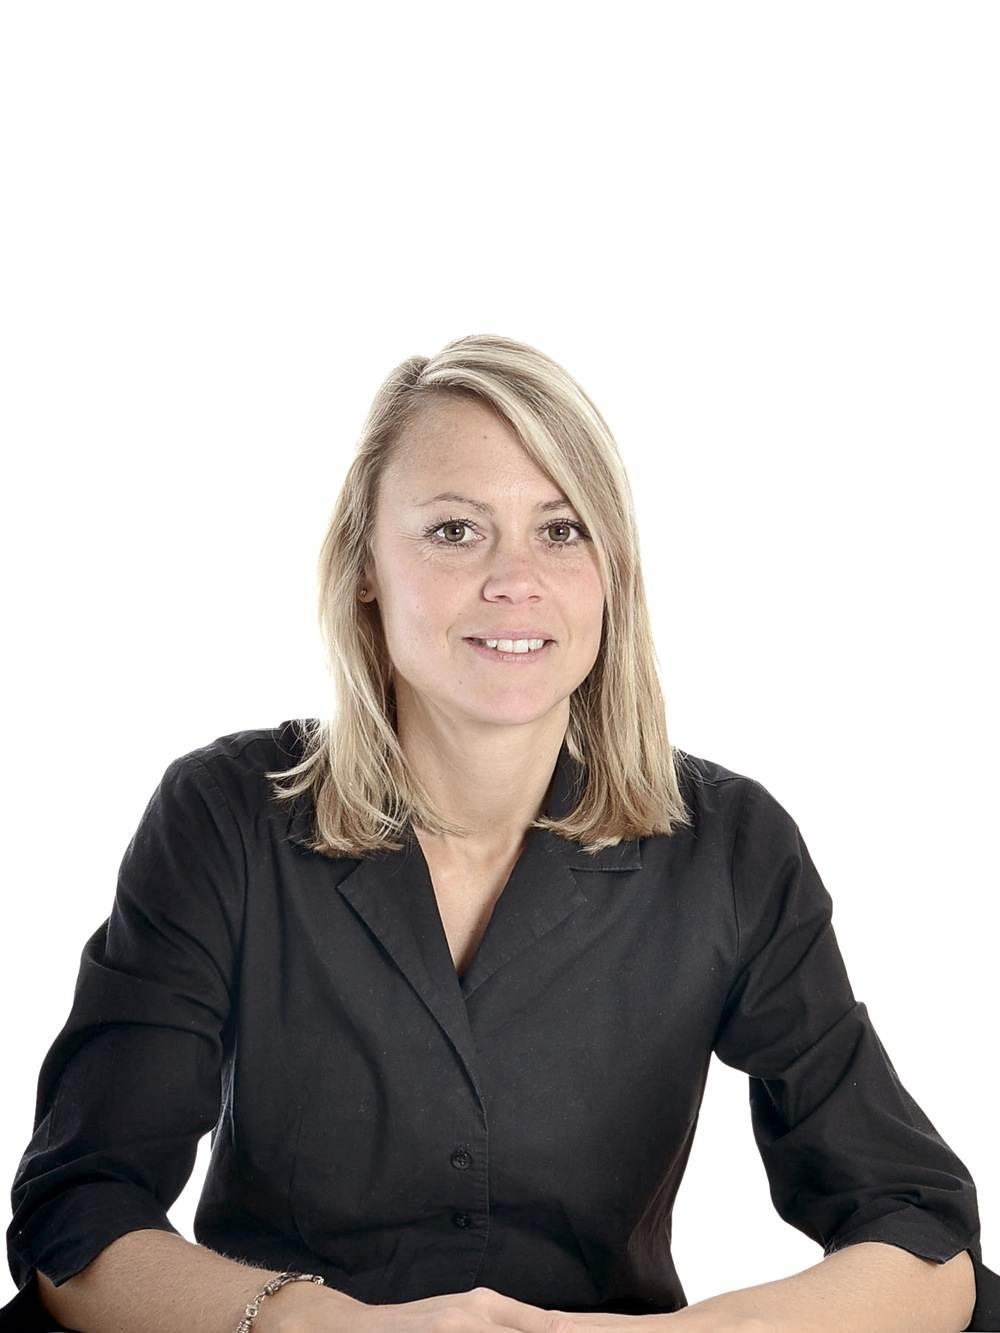 FLASHPACKER | Karin im Business Style mit schwarzer Bluse